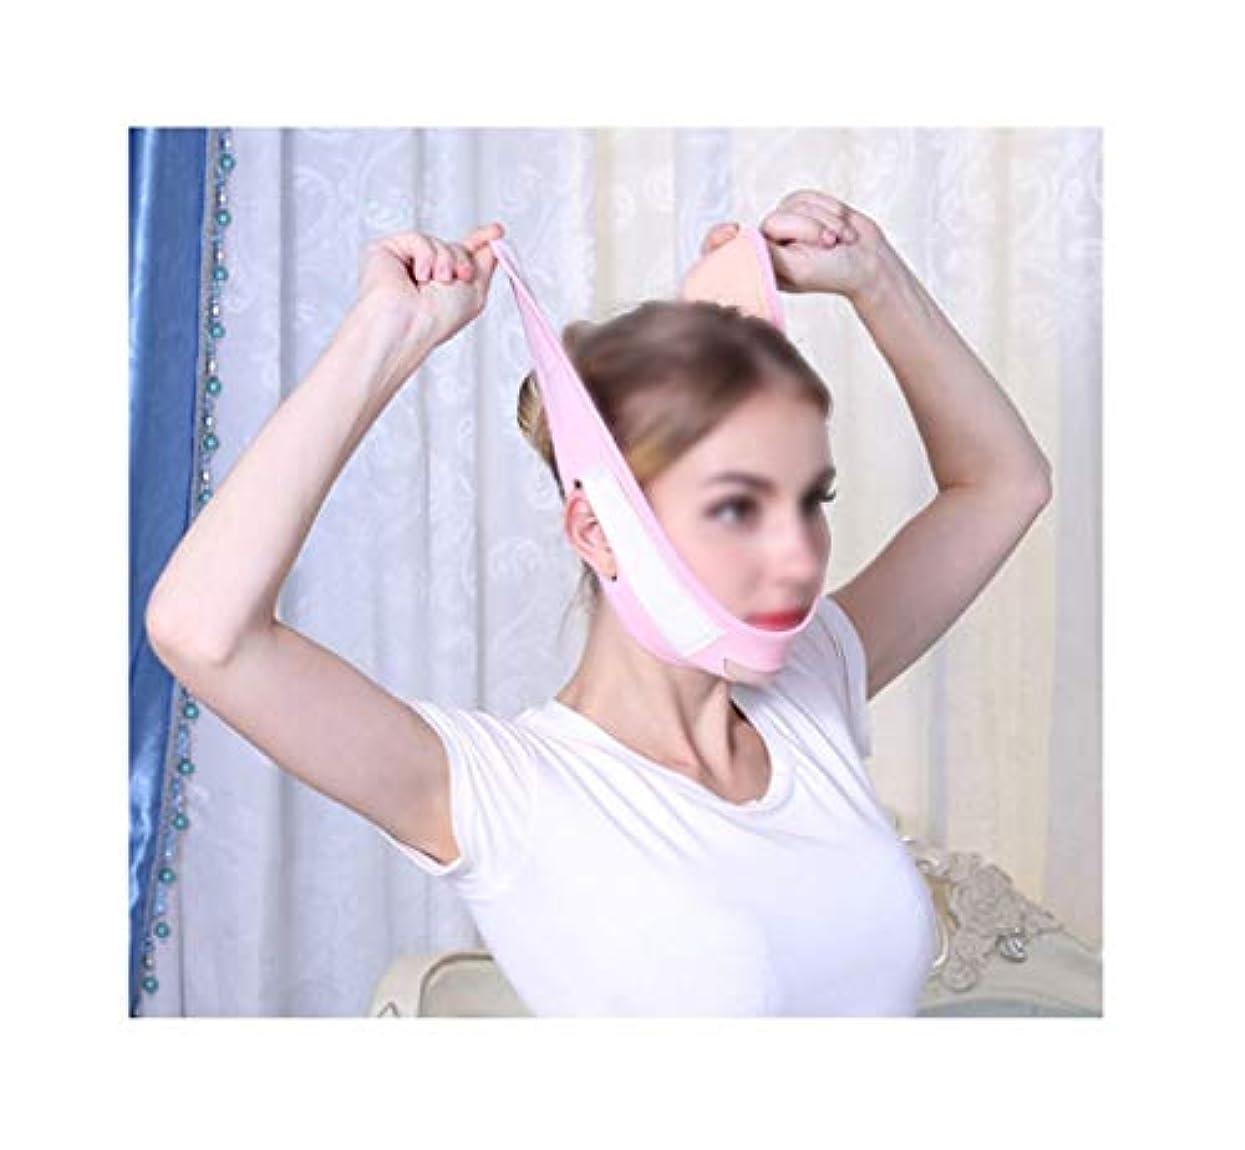 懲戒流行している同行薄いフェイスベルト、Vフェイス包帯からダブルチンデクリーマスクリフティングファーミングスリープマスク、2色オプション (Color : Pink)